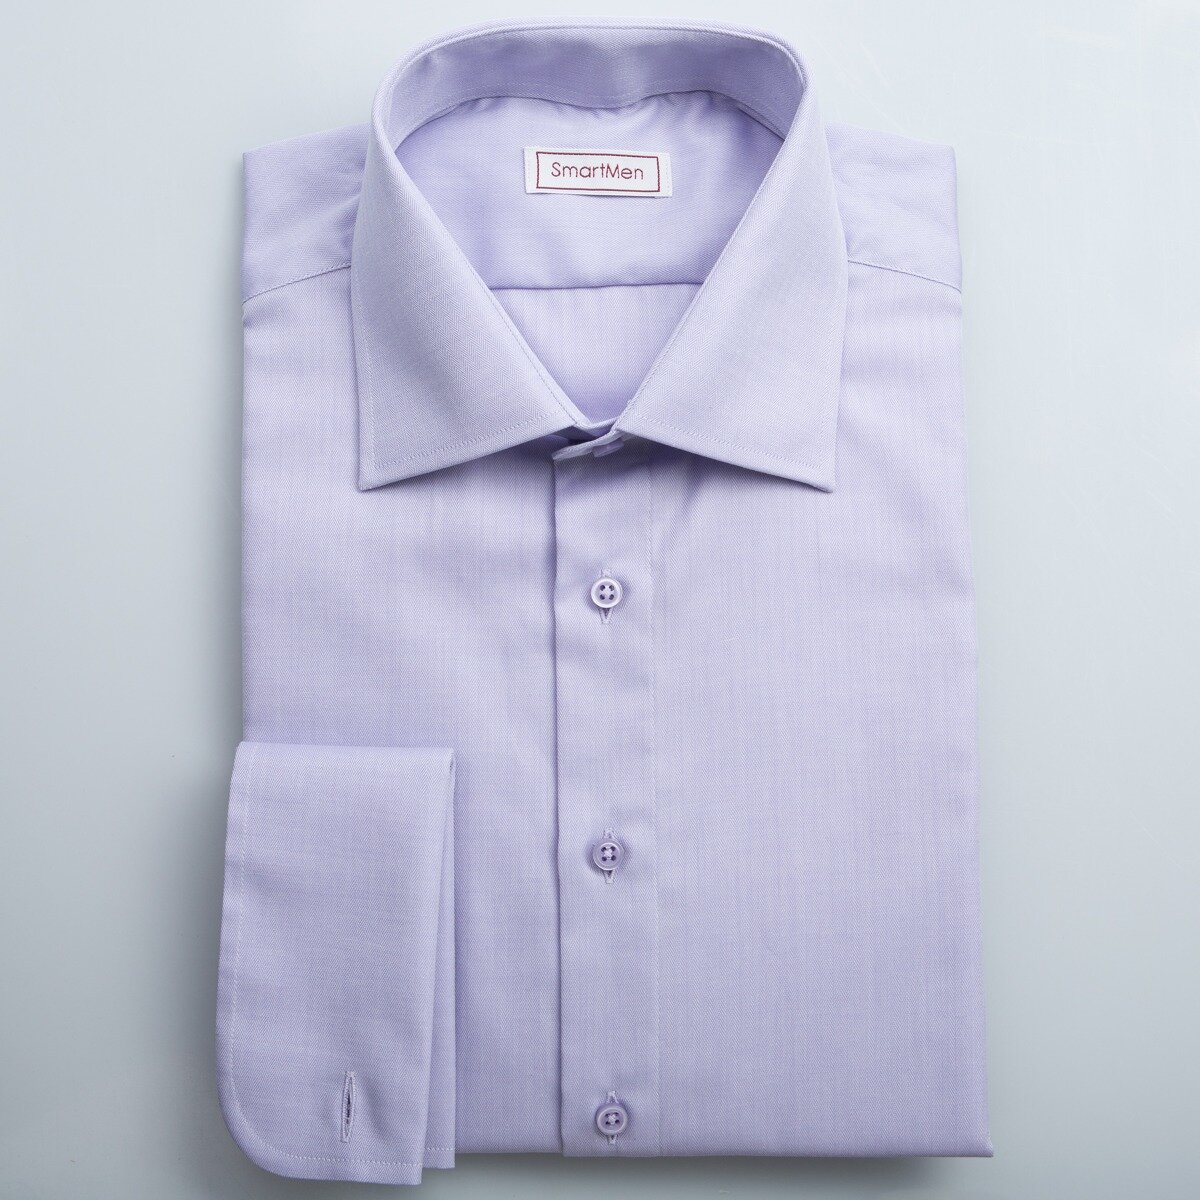 706ee6ac51ca Fialová košeľa s manžetovými gombíkmi do pánskych oblekov SmartMen